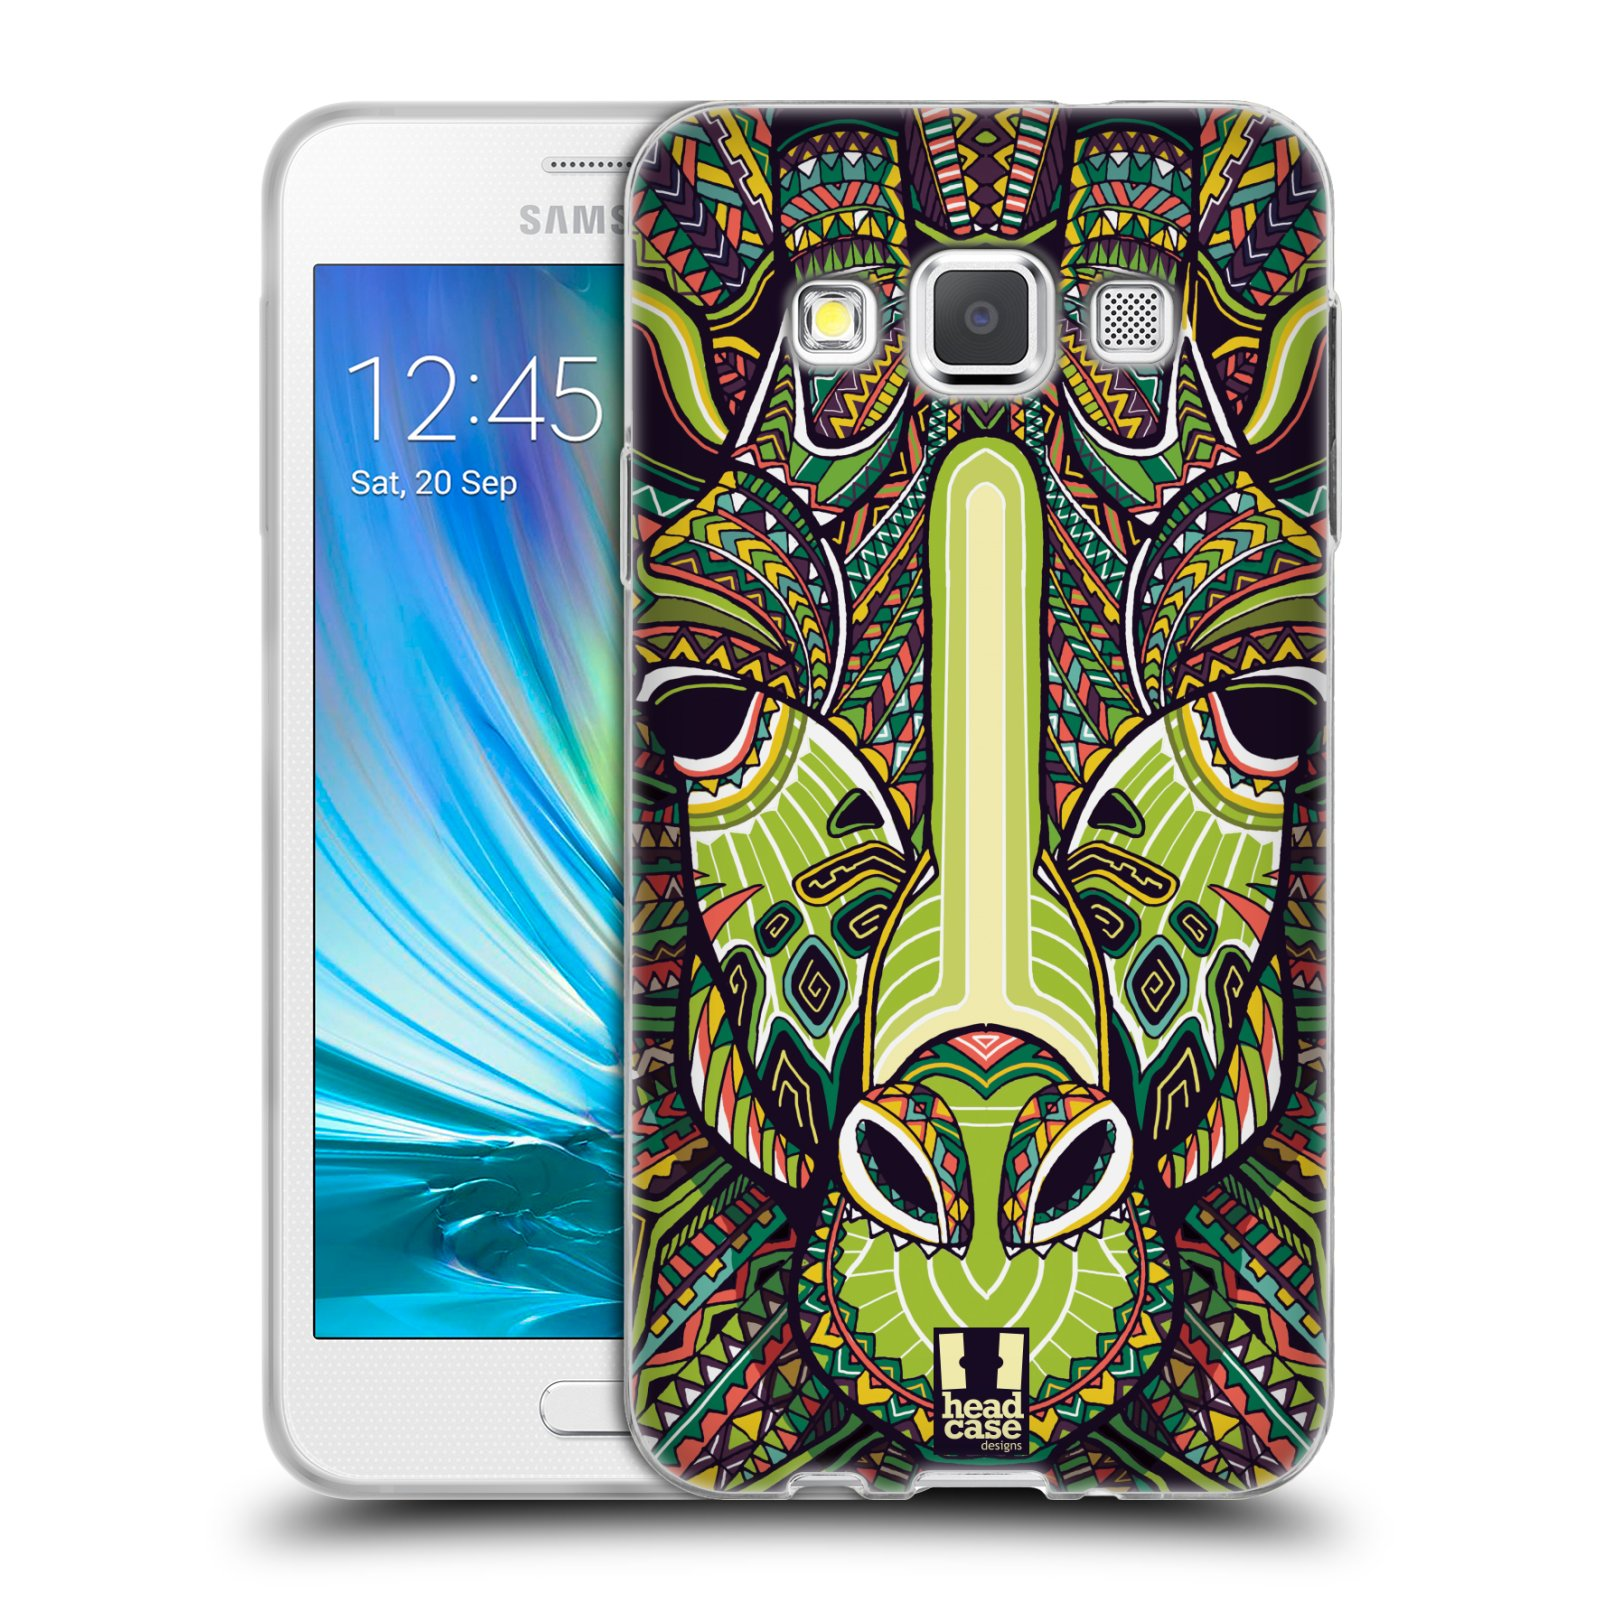 Silikonové pouzdro na mobil Samsung Galaxy A3 HEAD CASE AZTEC ŽIRAFA (Silikonový kryt či obal na mobilní telefon Samsung Galaxy A3 SM-A300)